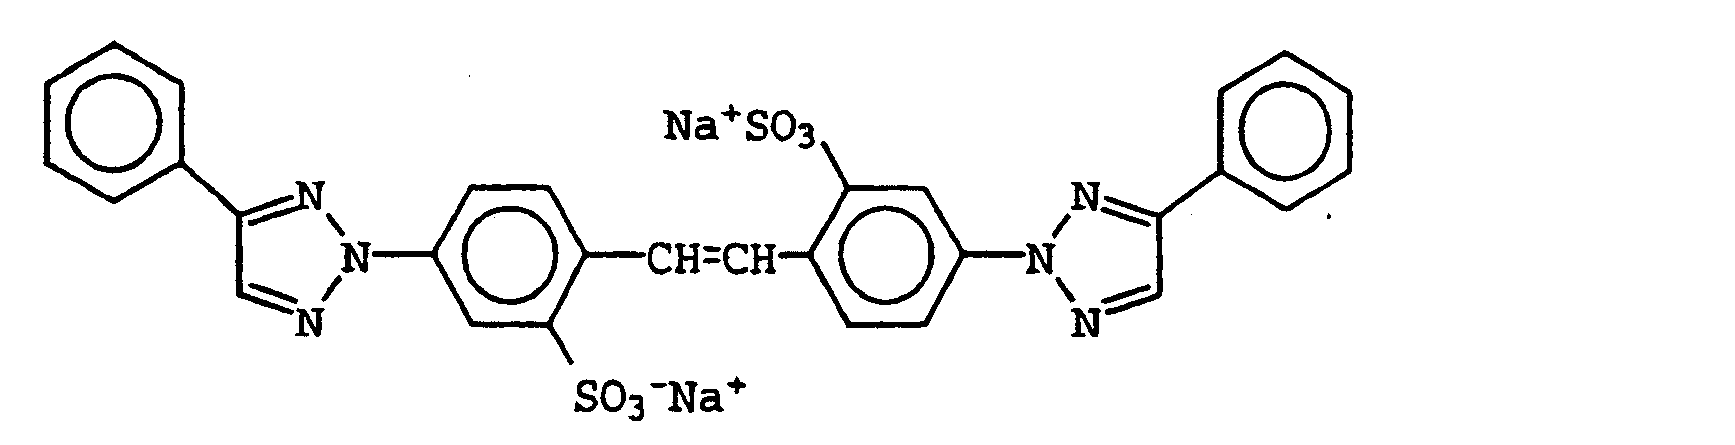 Figure CN1694677BD00102